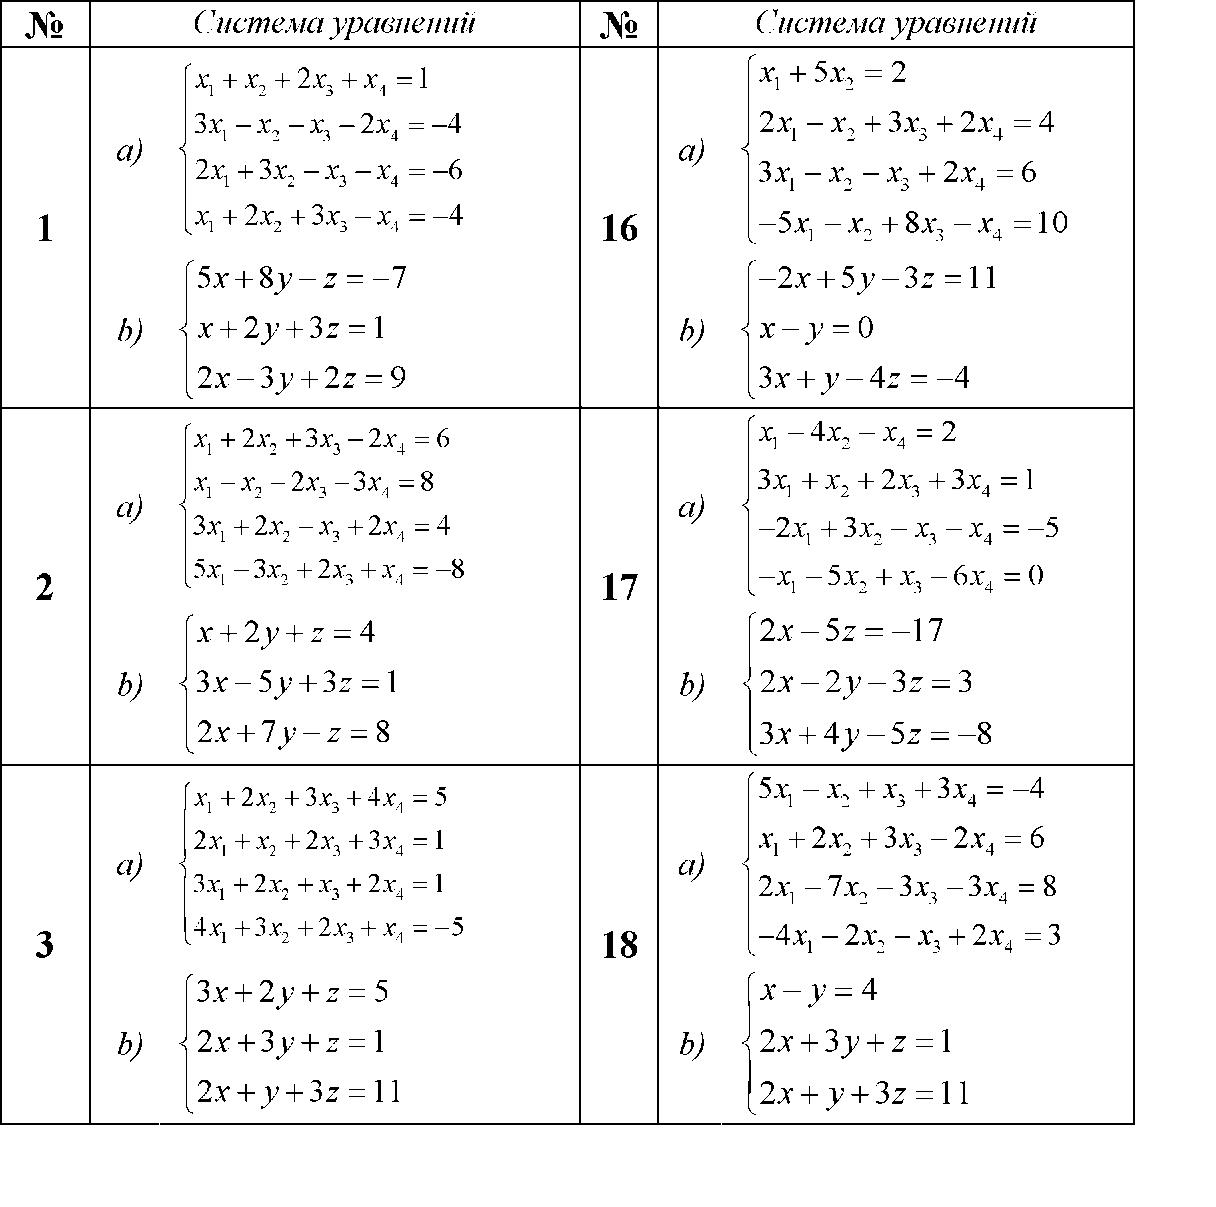 Решение задачи линейных алгебраических уравнений решение задач из спичек для 5 класса